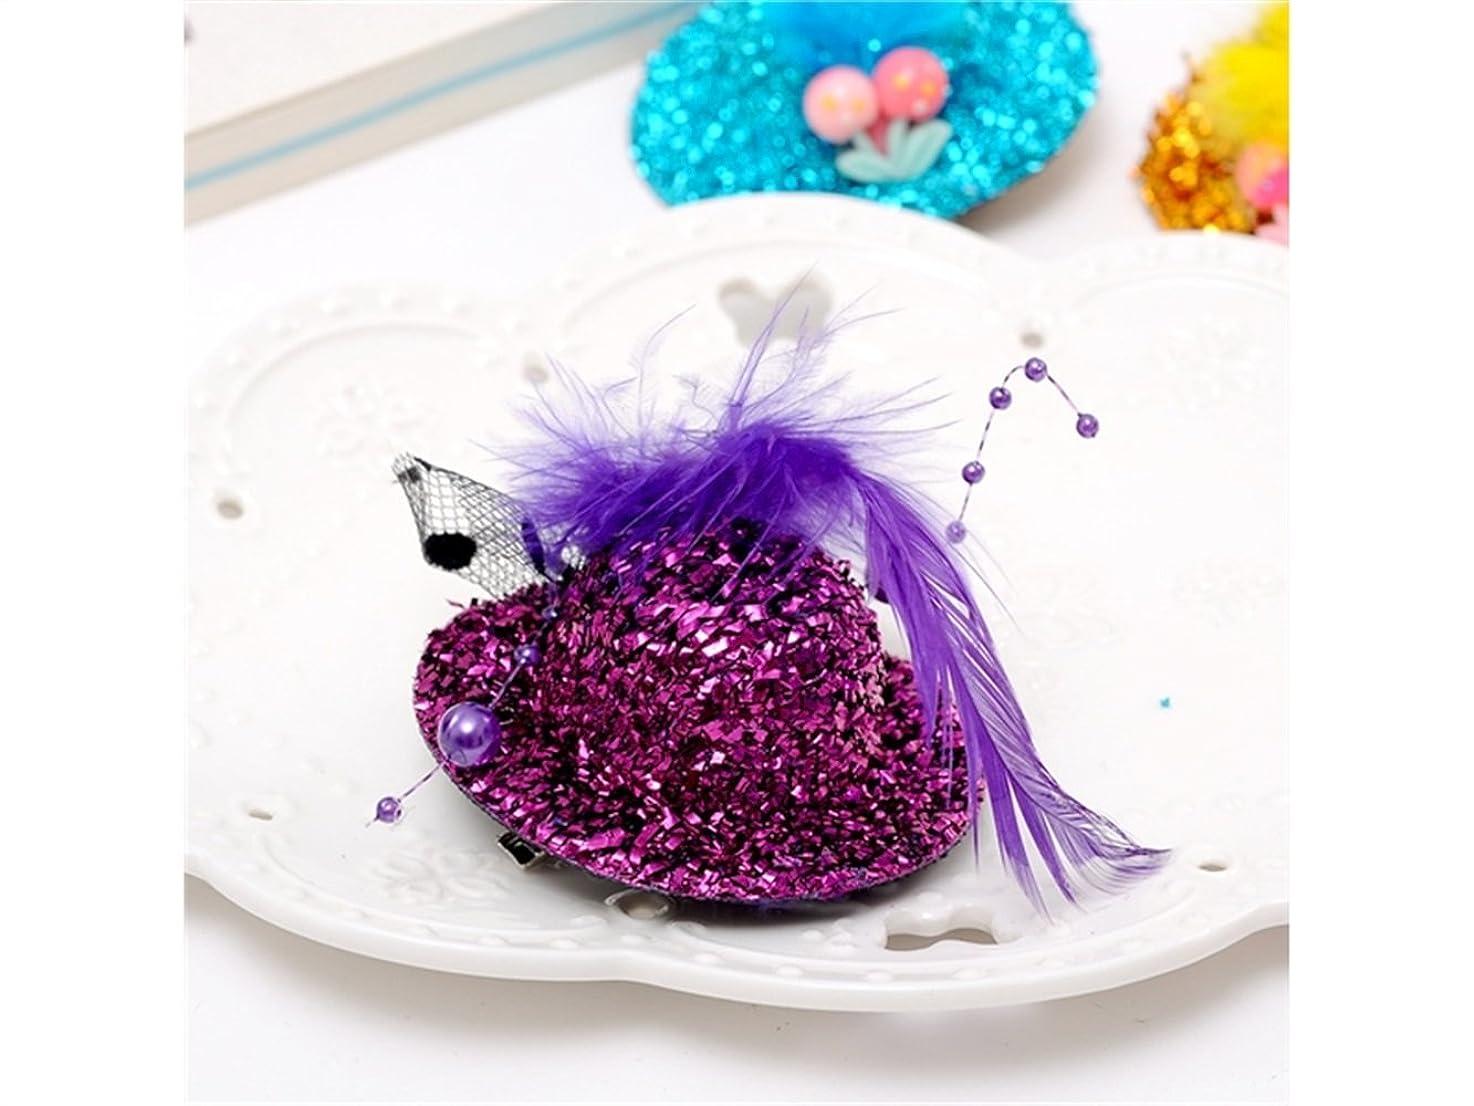 新鮮なスポンサー最後にOsize 美しいスタイル 手作りの布のヘアクリップかわいいぬいぐるみのボールのヘアクリップがクリップダックビルクリップ(ランダムカラー)